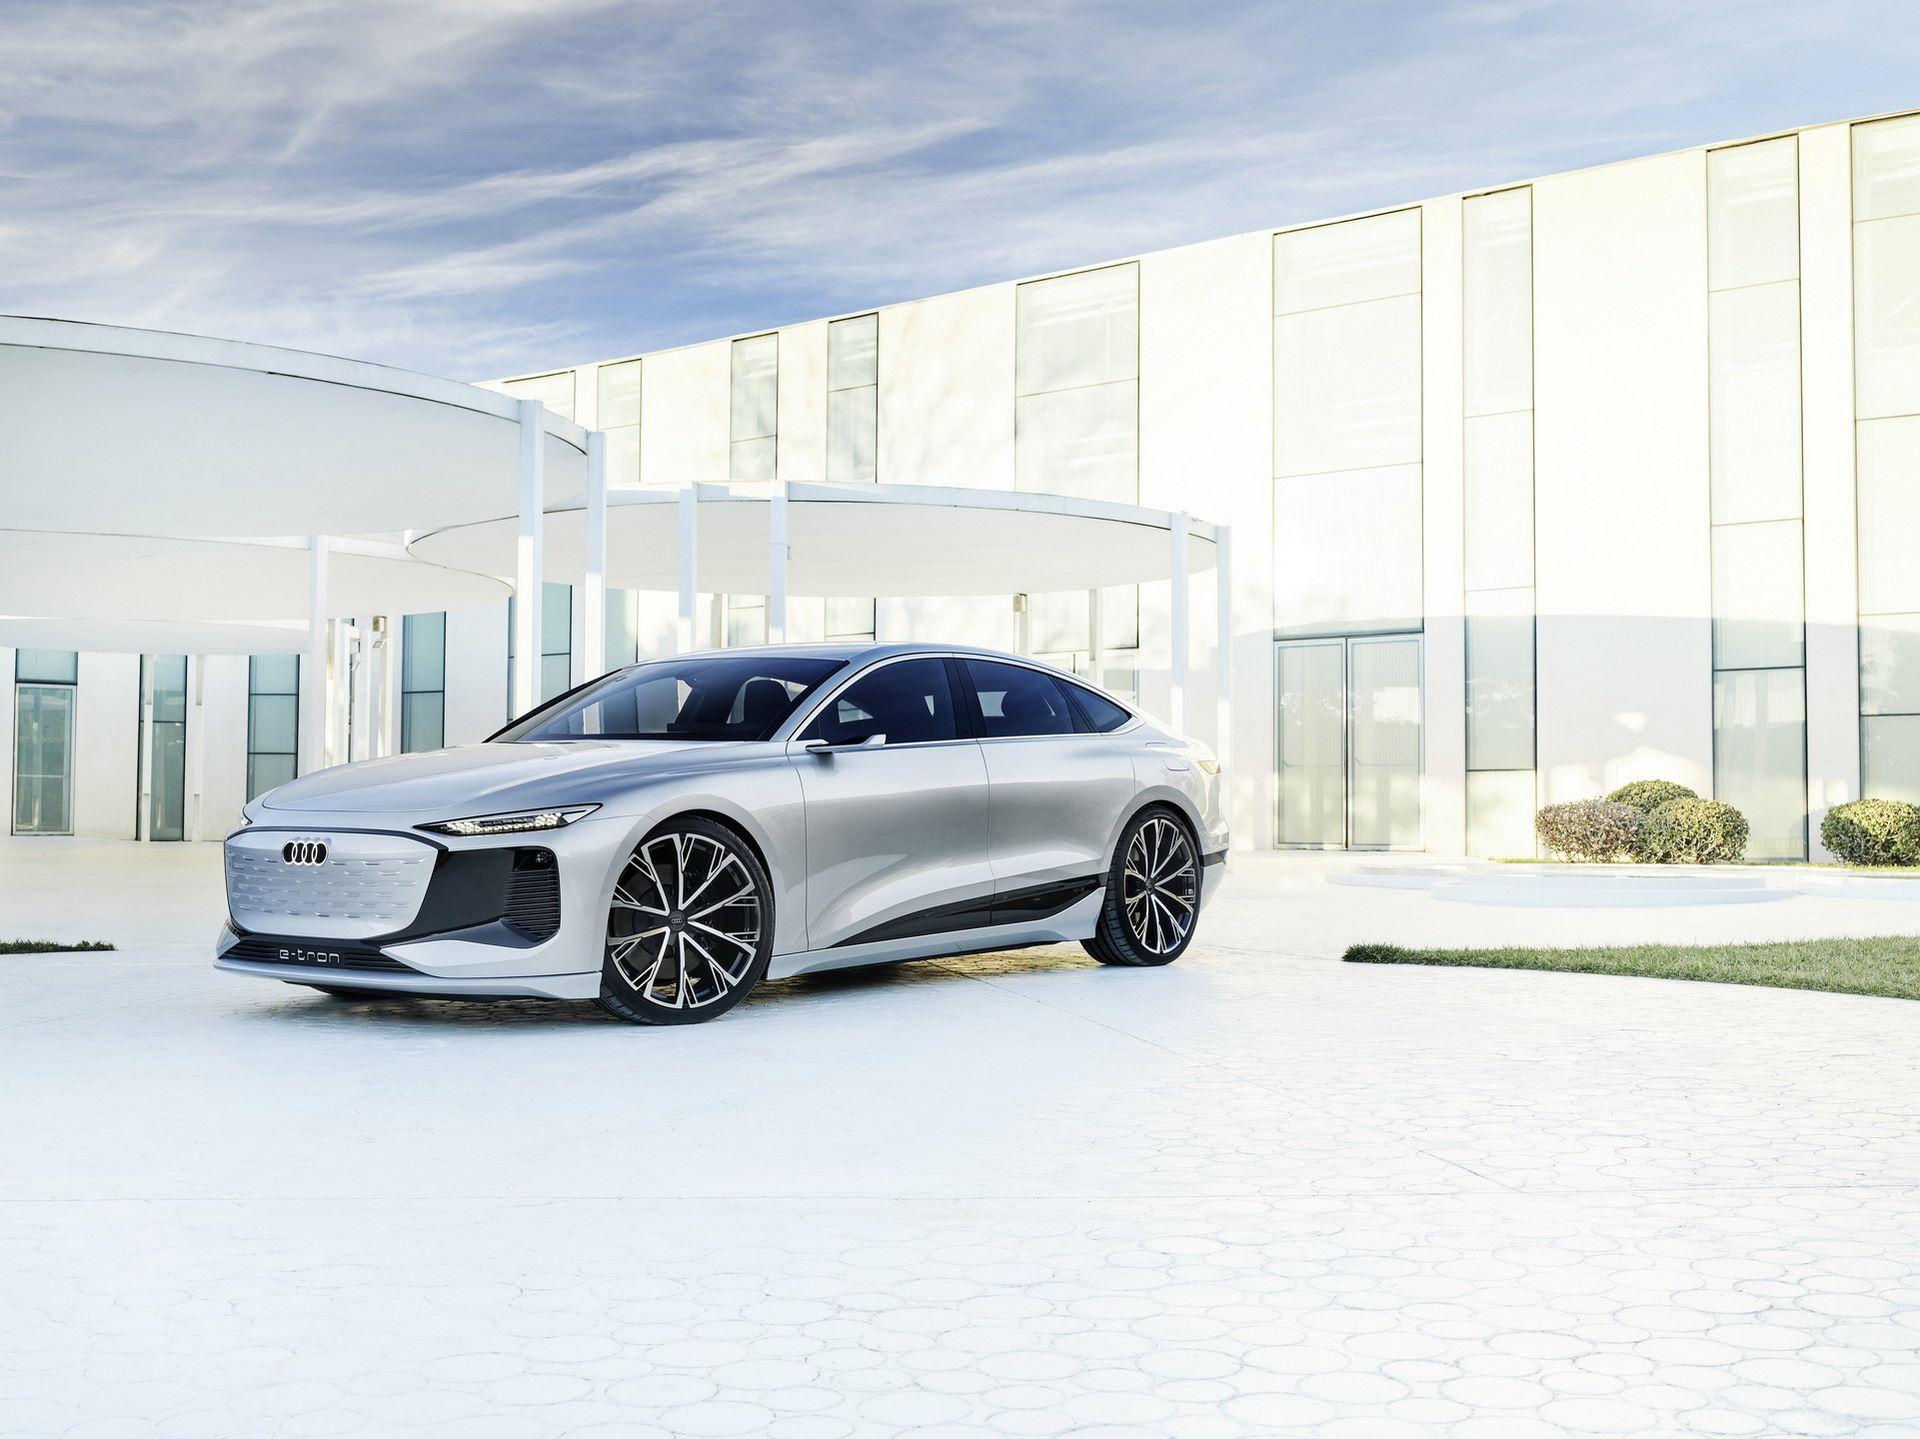 Audi-A6-e-tron-concept-29